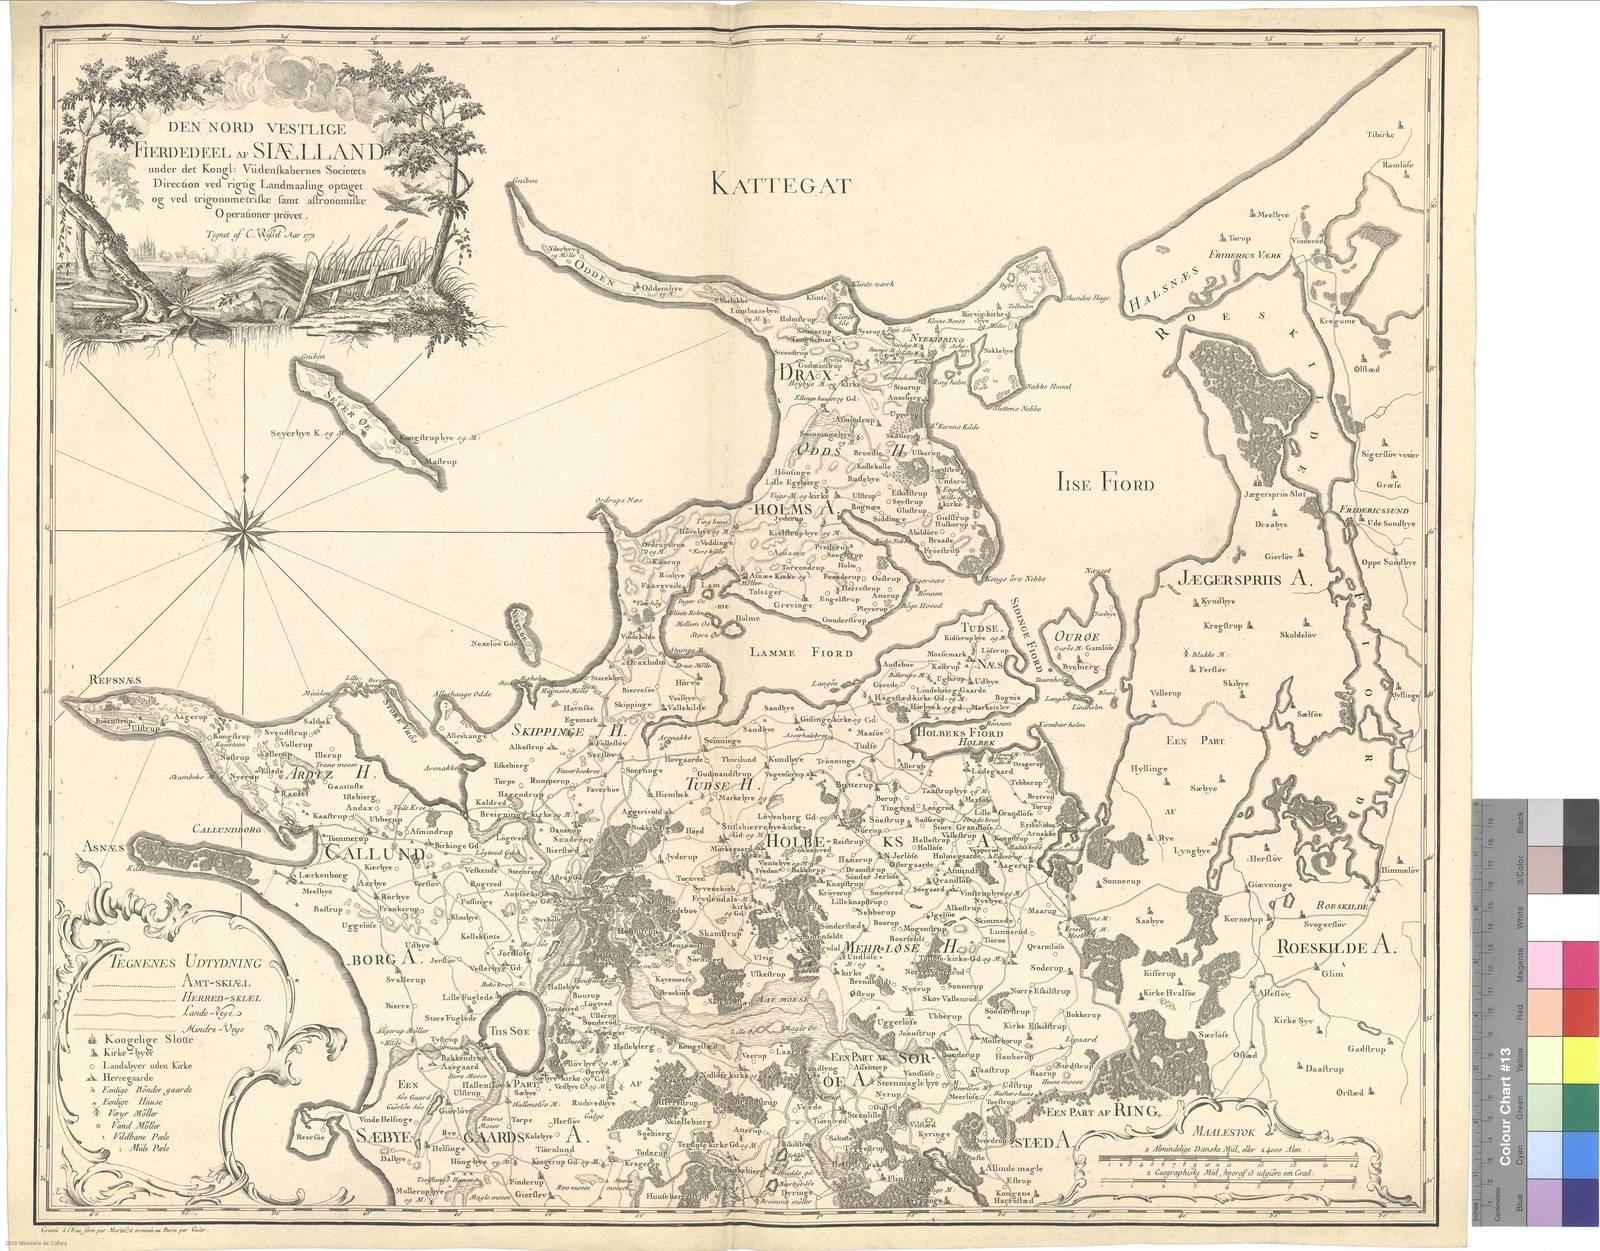 Den Nord Vestlige Fierdedeel af Siaelland under det Kongl. Viidenskabernes Societets Direction ved rigtig Landmaalind optaget og ved trigonometriske famt astronomiske Operationer pröver [Mapa]